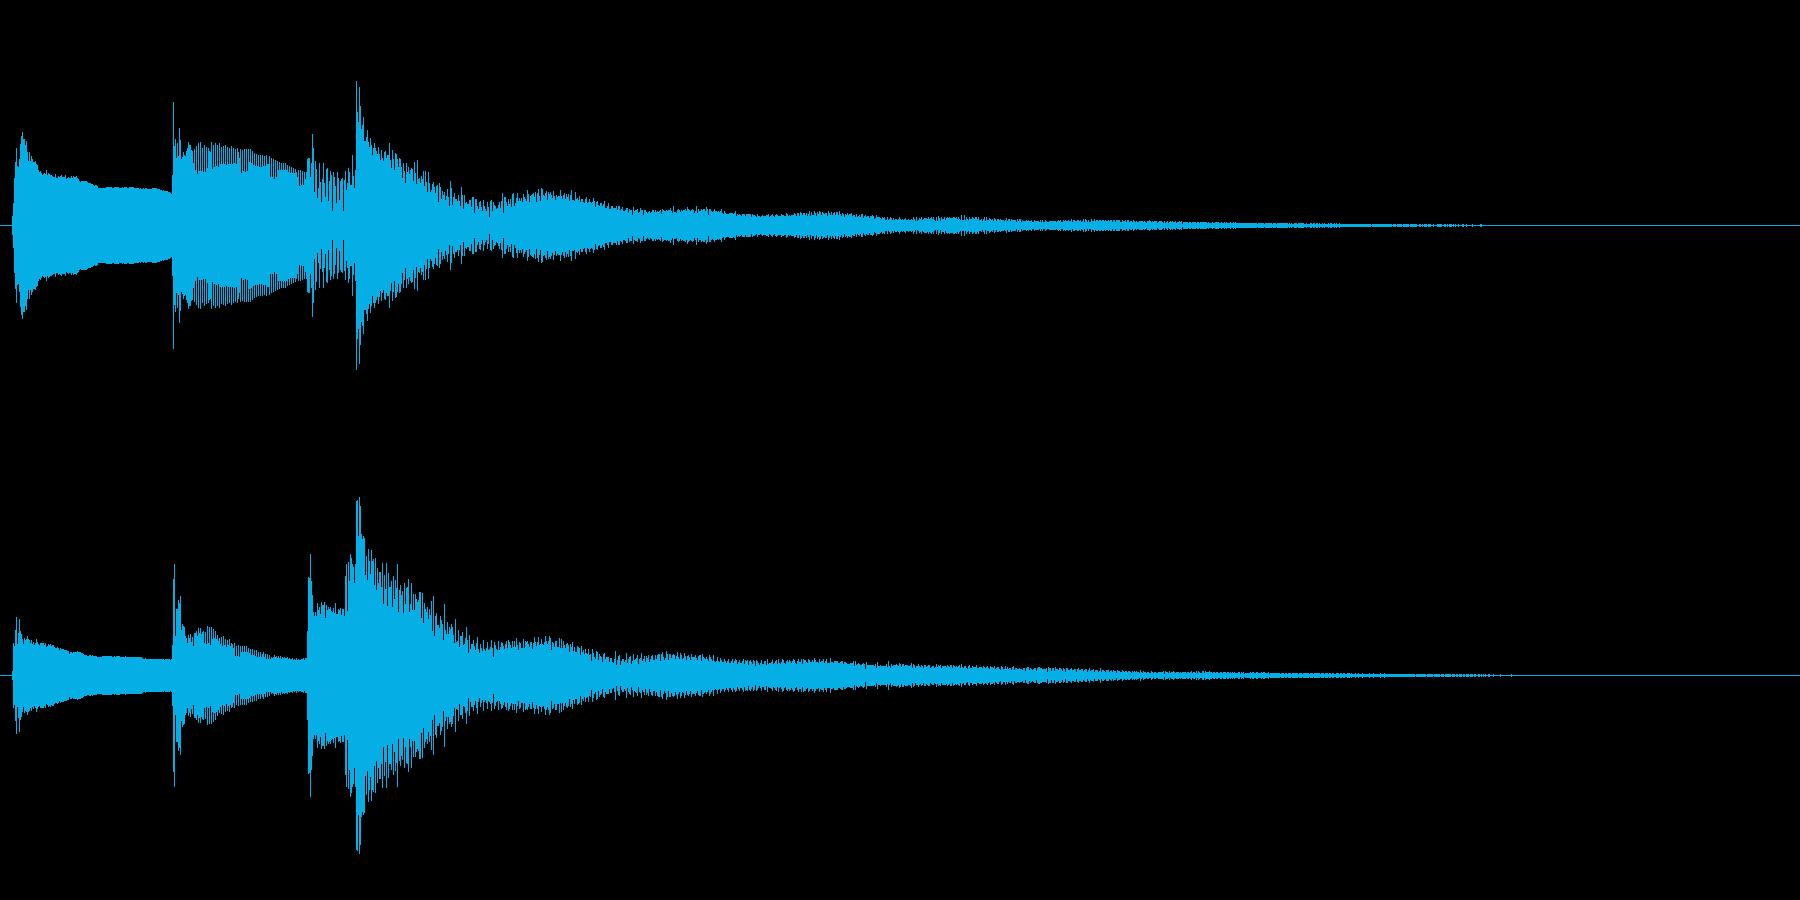 【生演奏】物悲しいピアノジングルの再生済みの波形